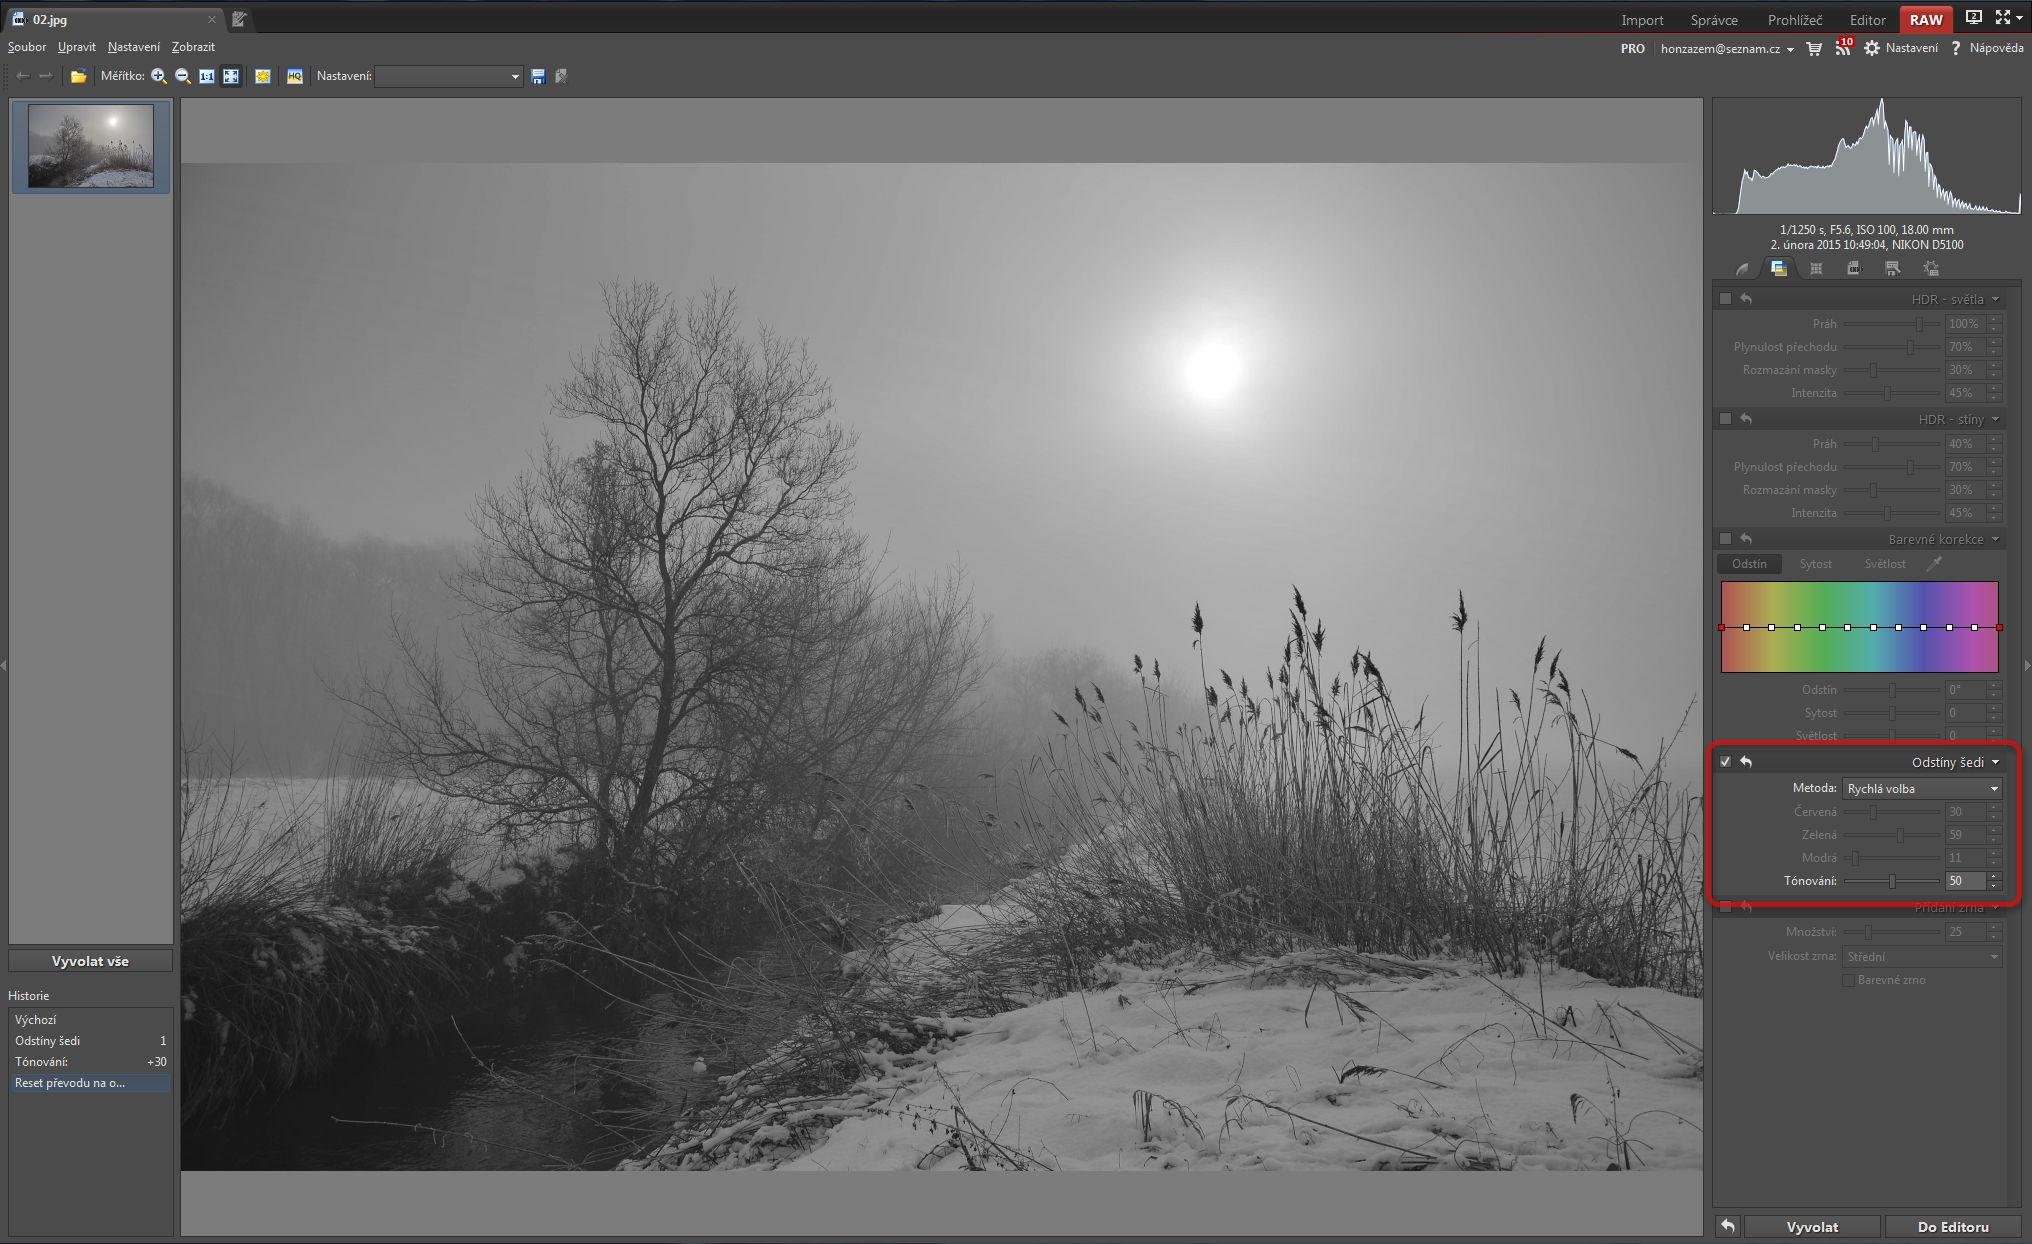 Převod fotografie do černobílé v prostředí modulu RAW